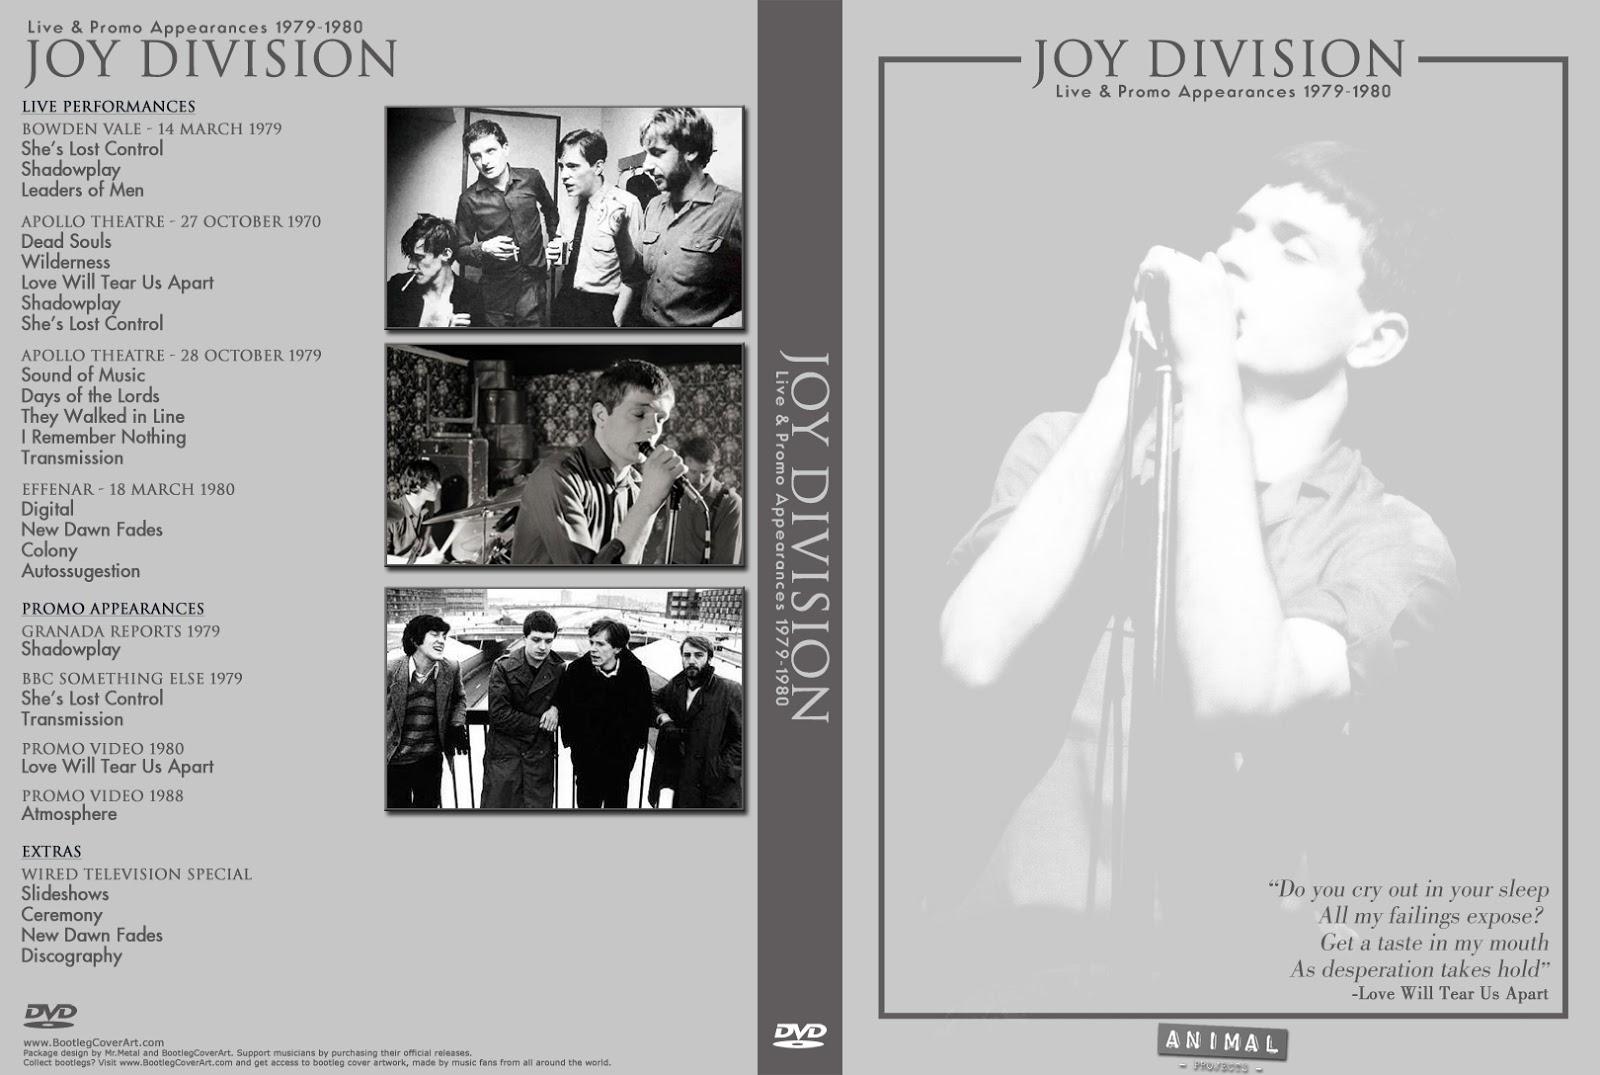 T.U.B.E.: Joy Division - 1979-1980 - Live and Promo Appearances ...